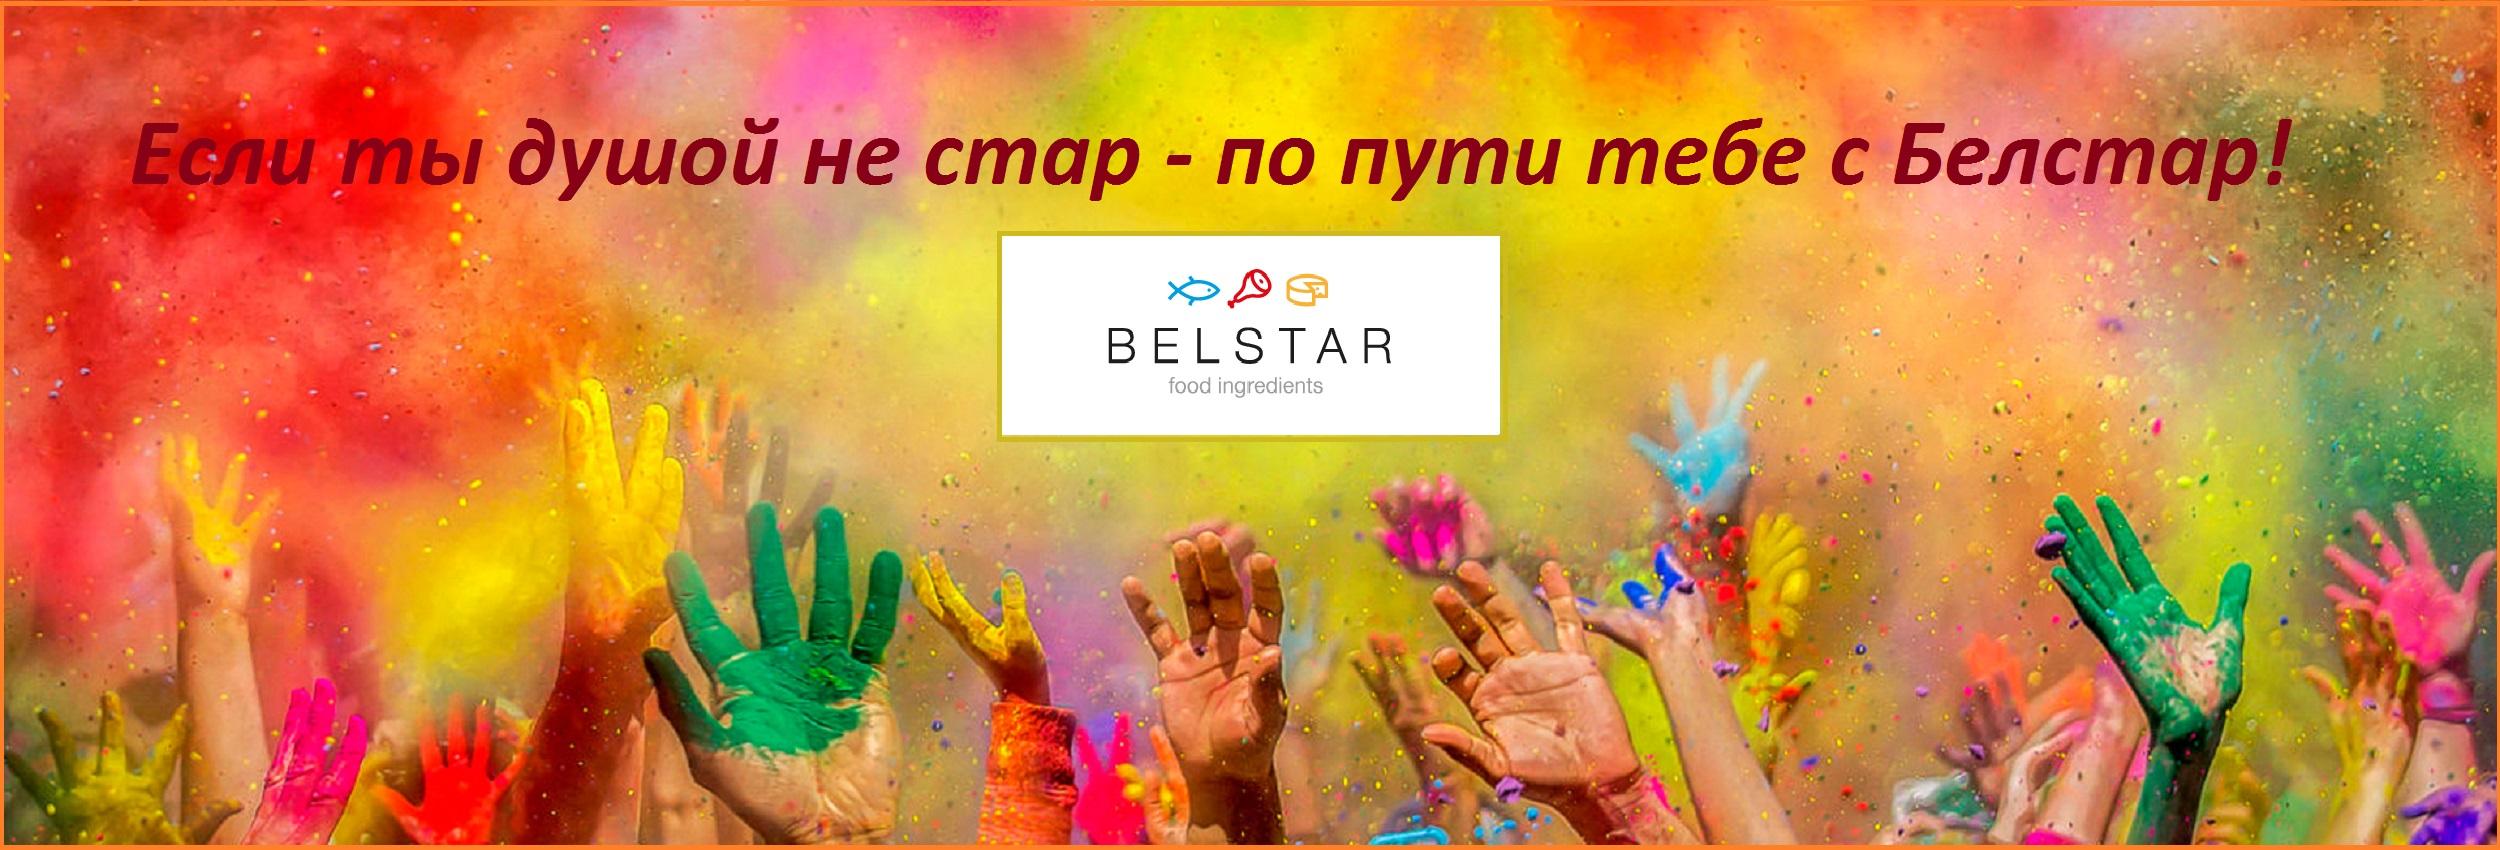 По пути тебе с Белстар